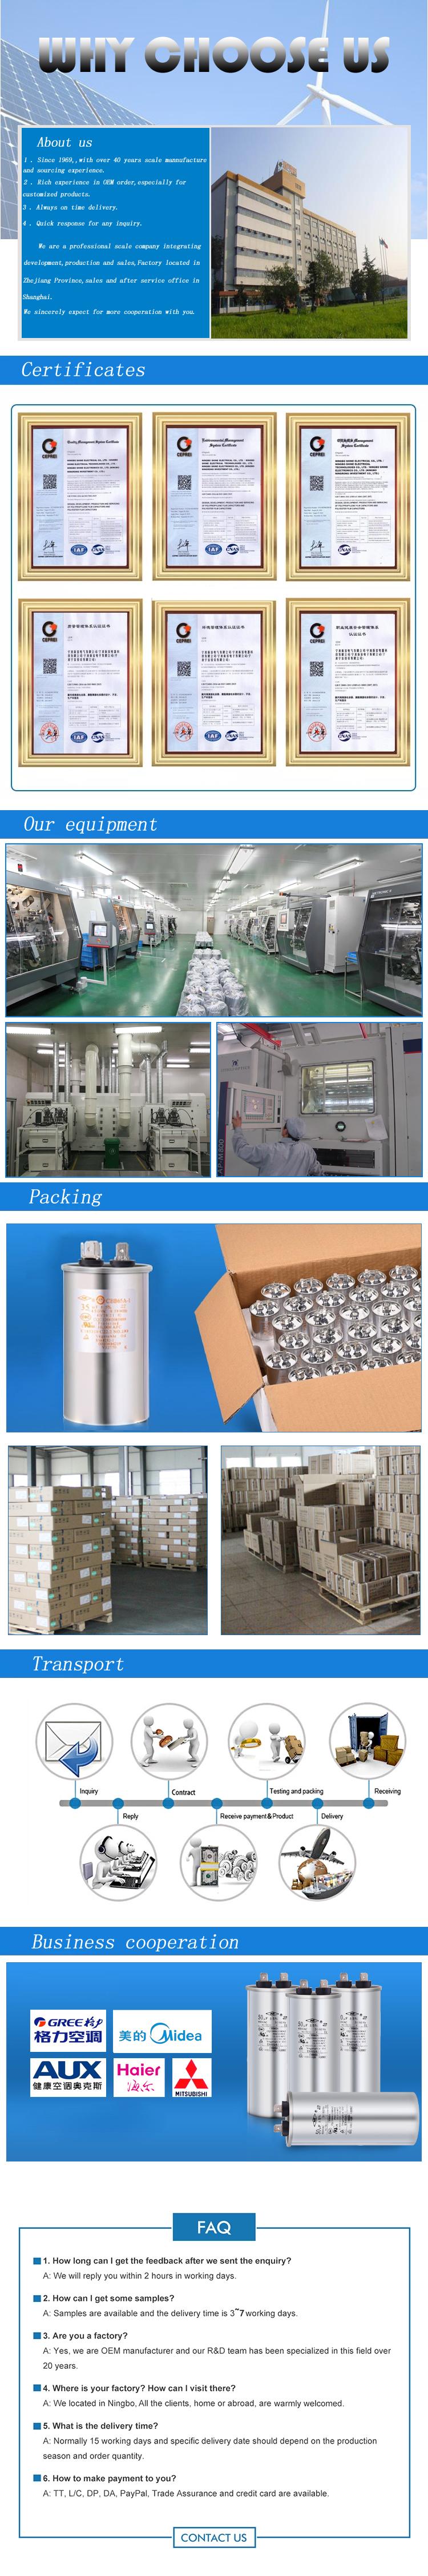 88 미크로포맷 1300Vdc DKMJ 금속 화 폴리 프로필렌 필름 graphene 슈퍼 커패시터 추진 제동 시스템